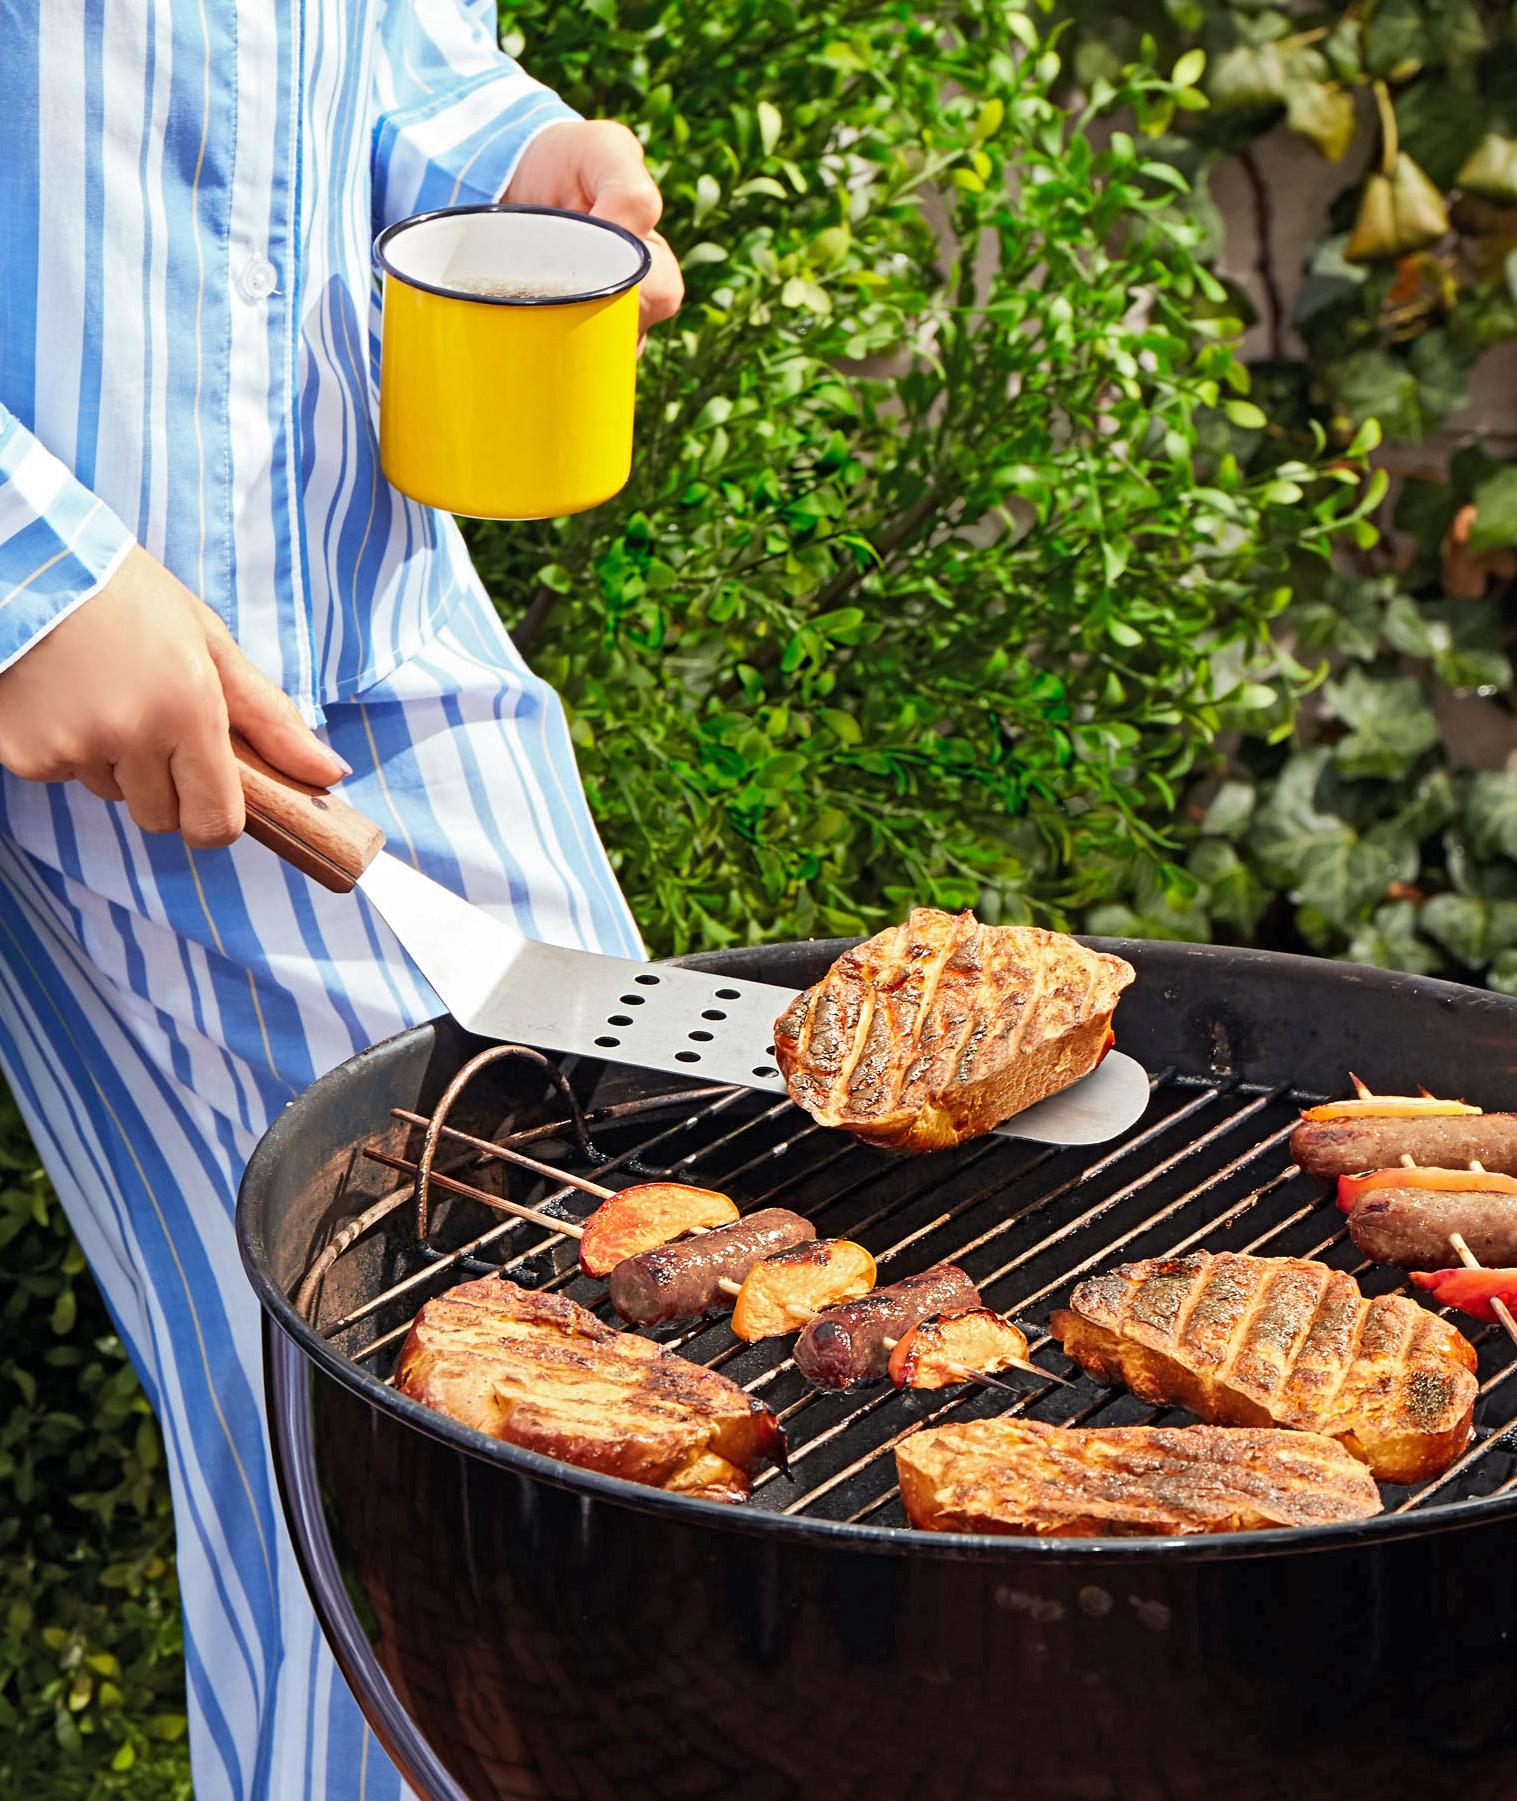 grilling breakfast in pajamas